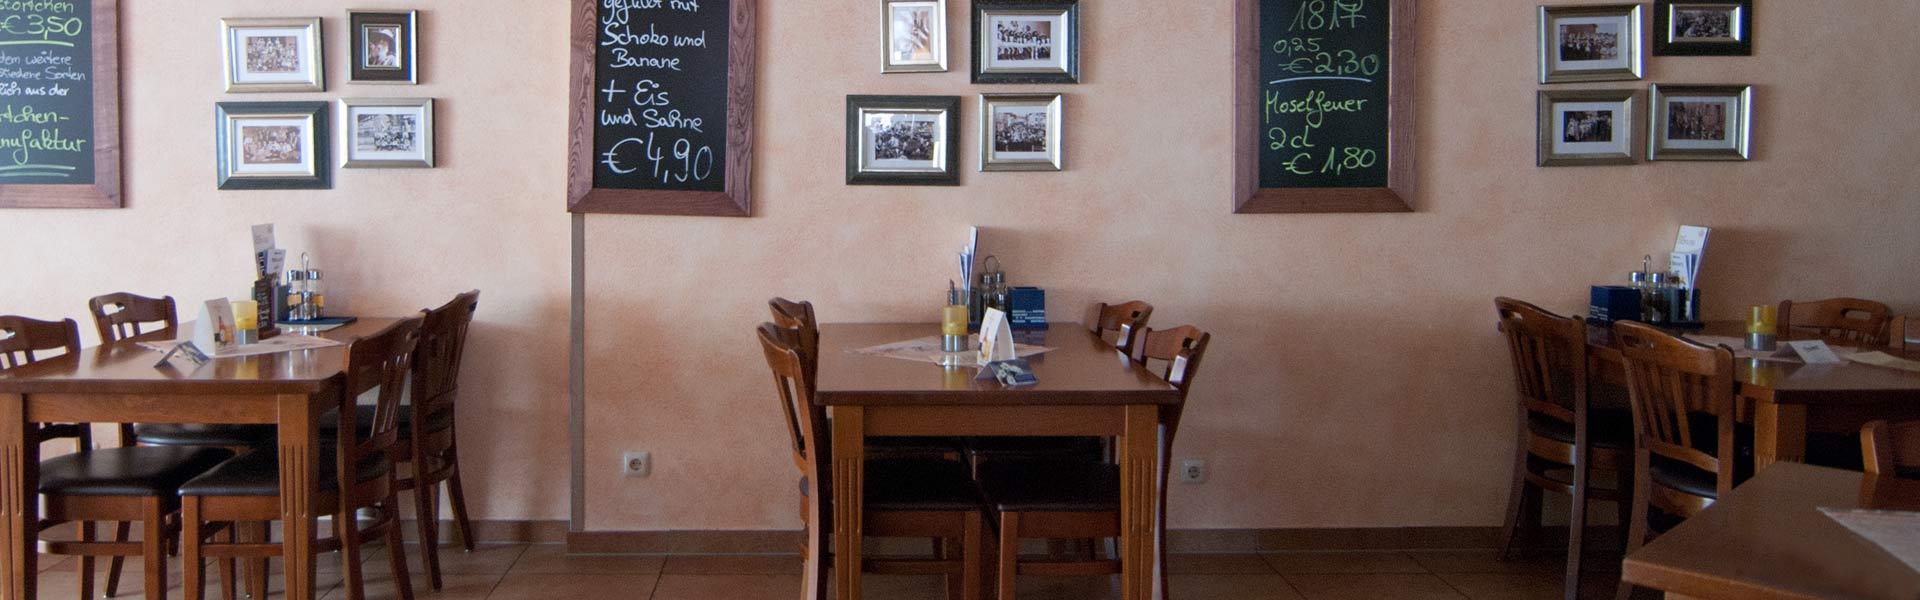 Gasthaus-Crames-Saal